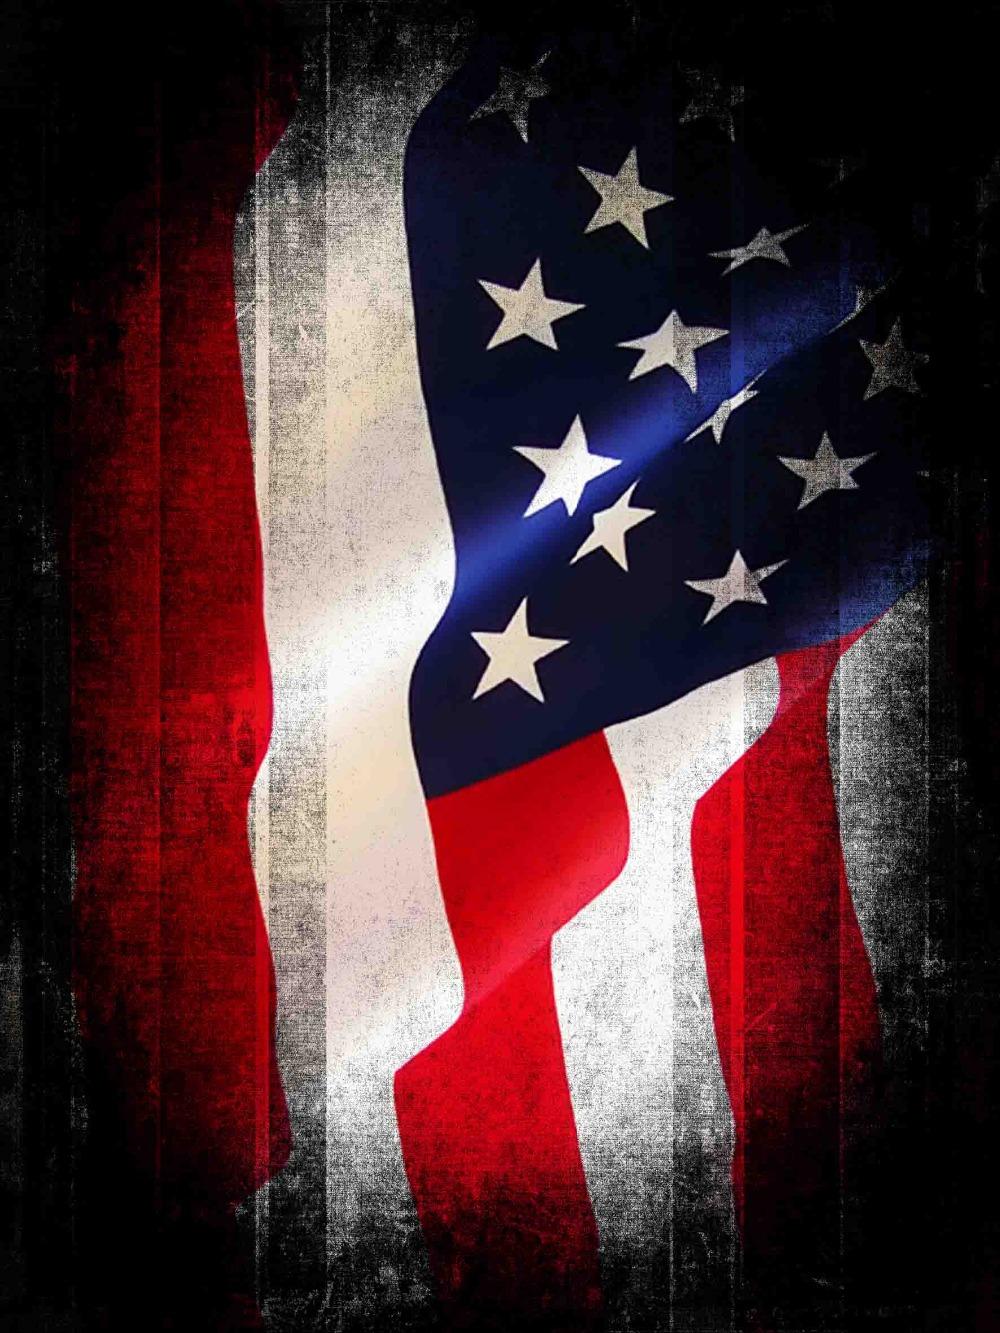 بالصور صور علم امريكا , مجموعة من الصور المختلفة لعلم دولة امريكا 912 10